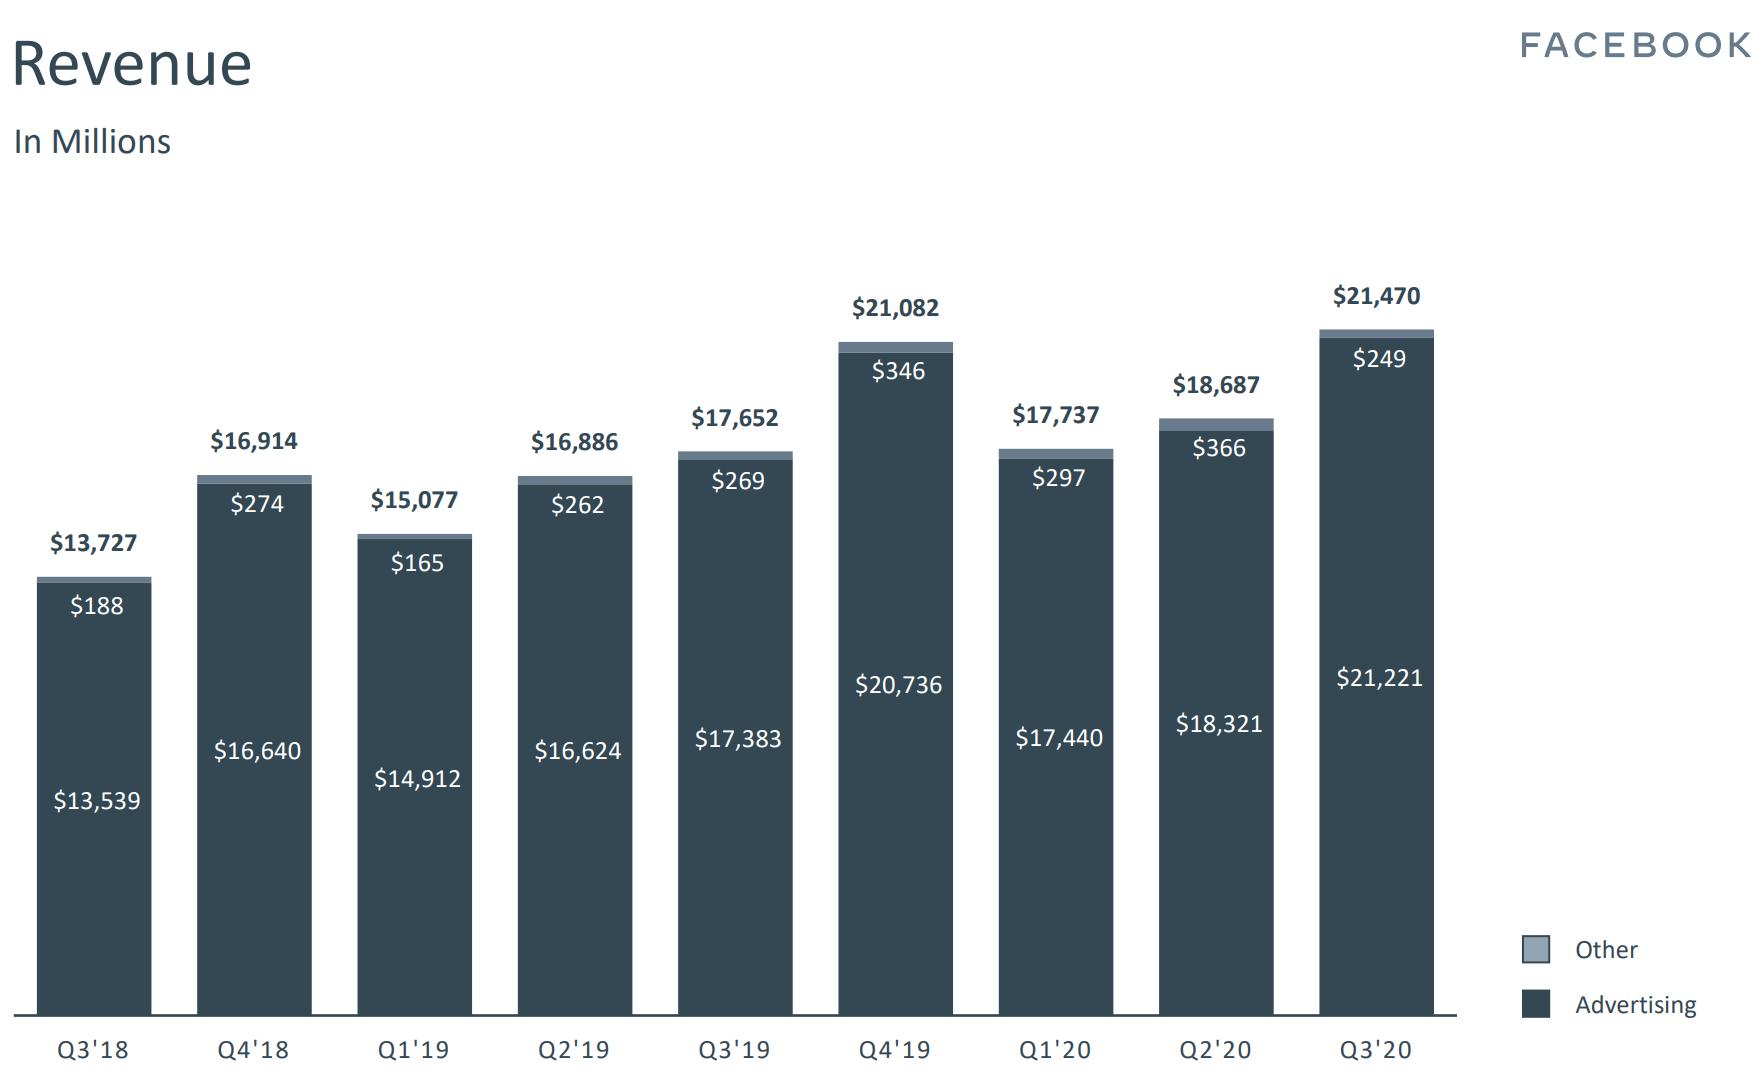 Facebook Zahlen advertising Einnahmen Q3 2020